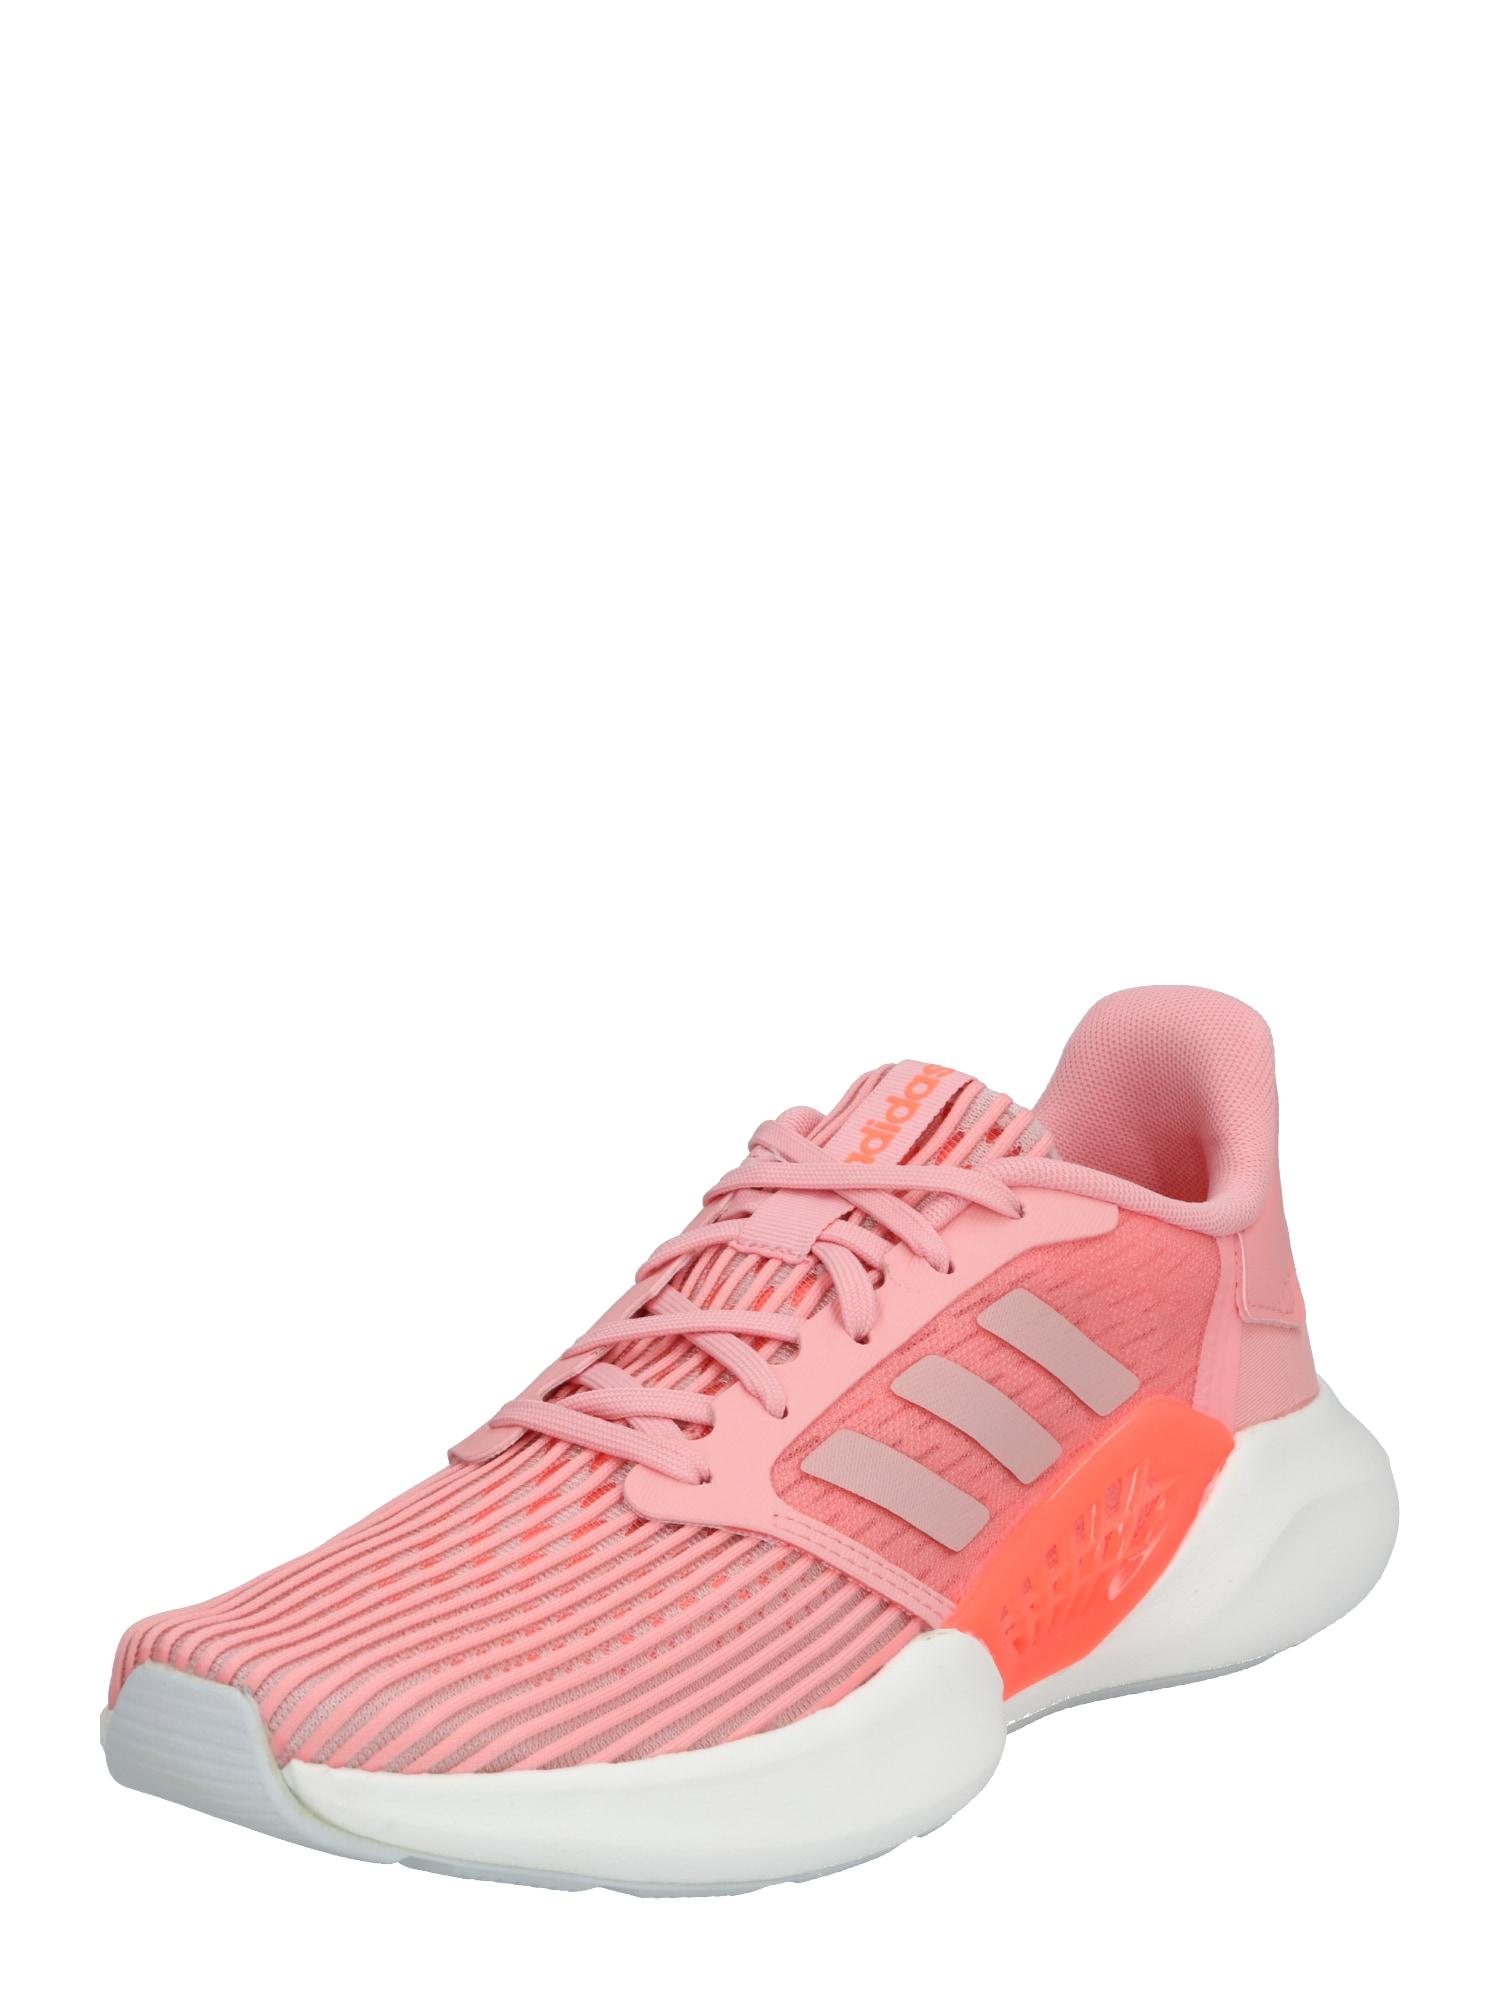 ADIDAS PERFORMANCE Sportiniai batai 'VENTICE' rožių spalva